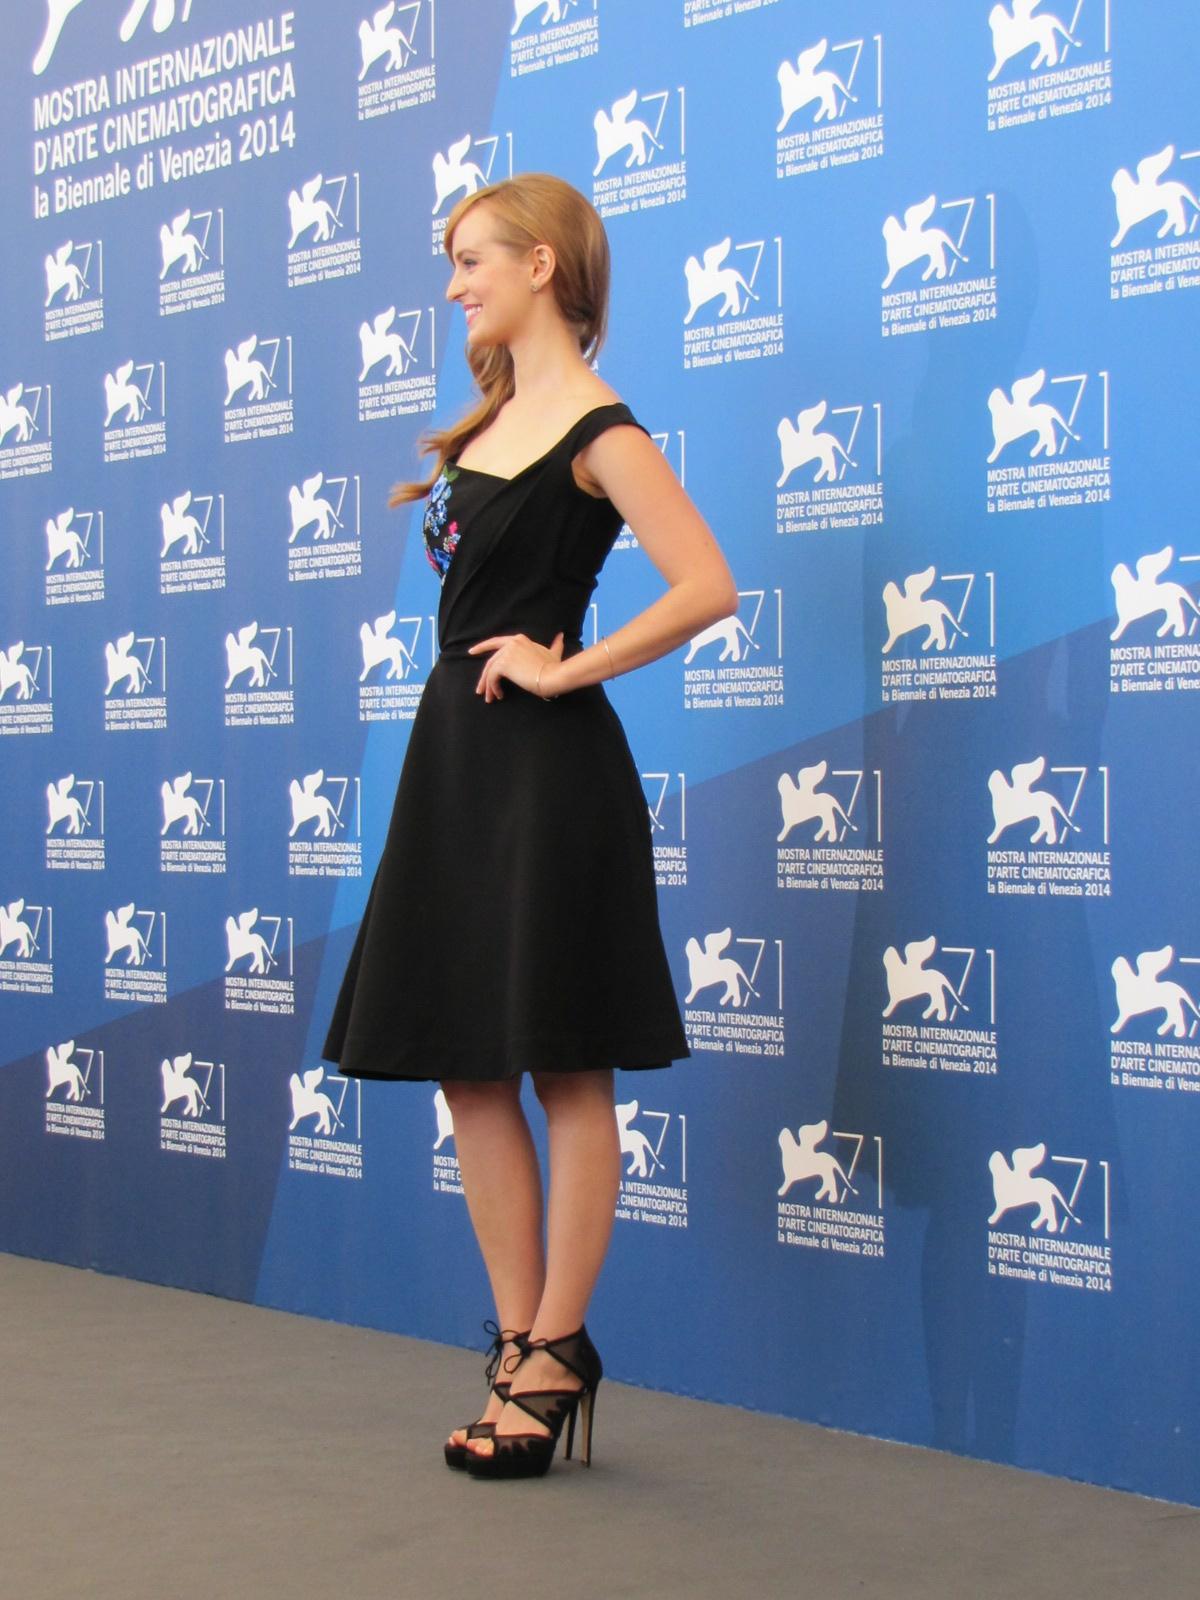 L'urlo e il furore a Venezia 2014 - Ahna O'Reilly presenta il film di J.Franco